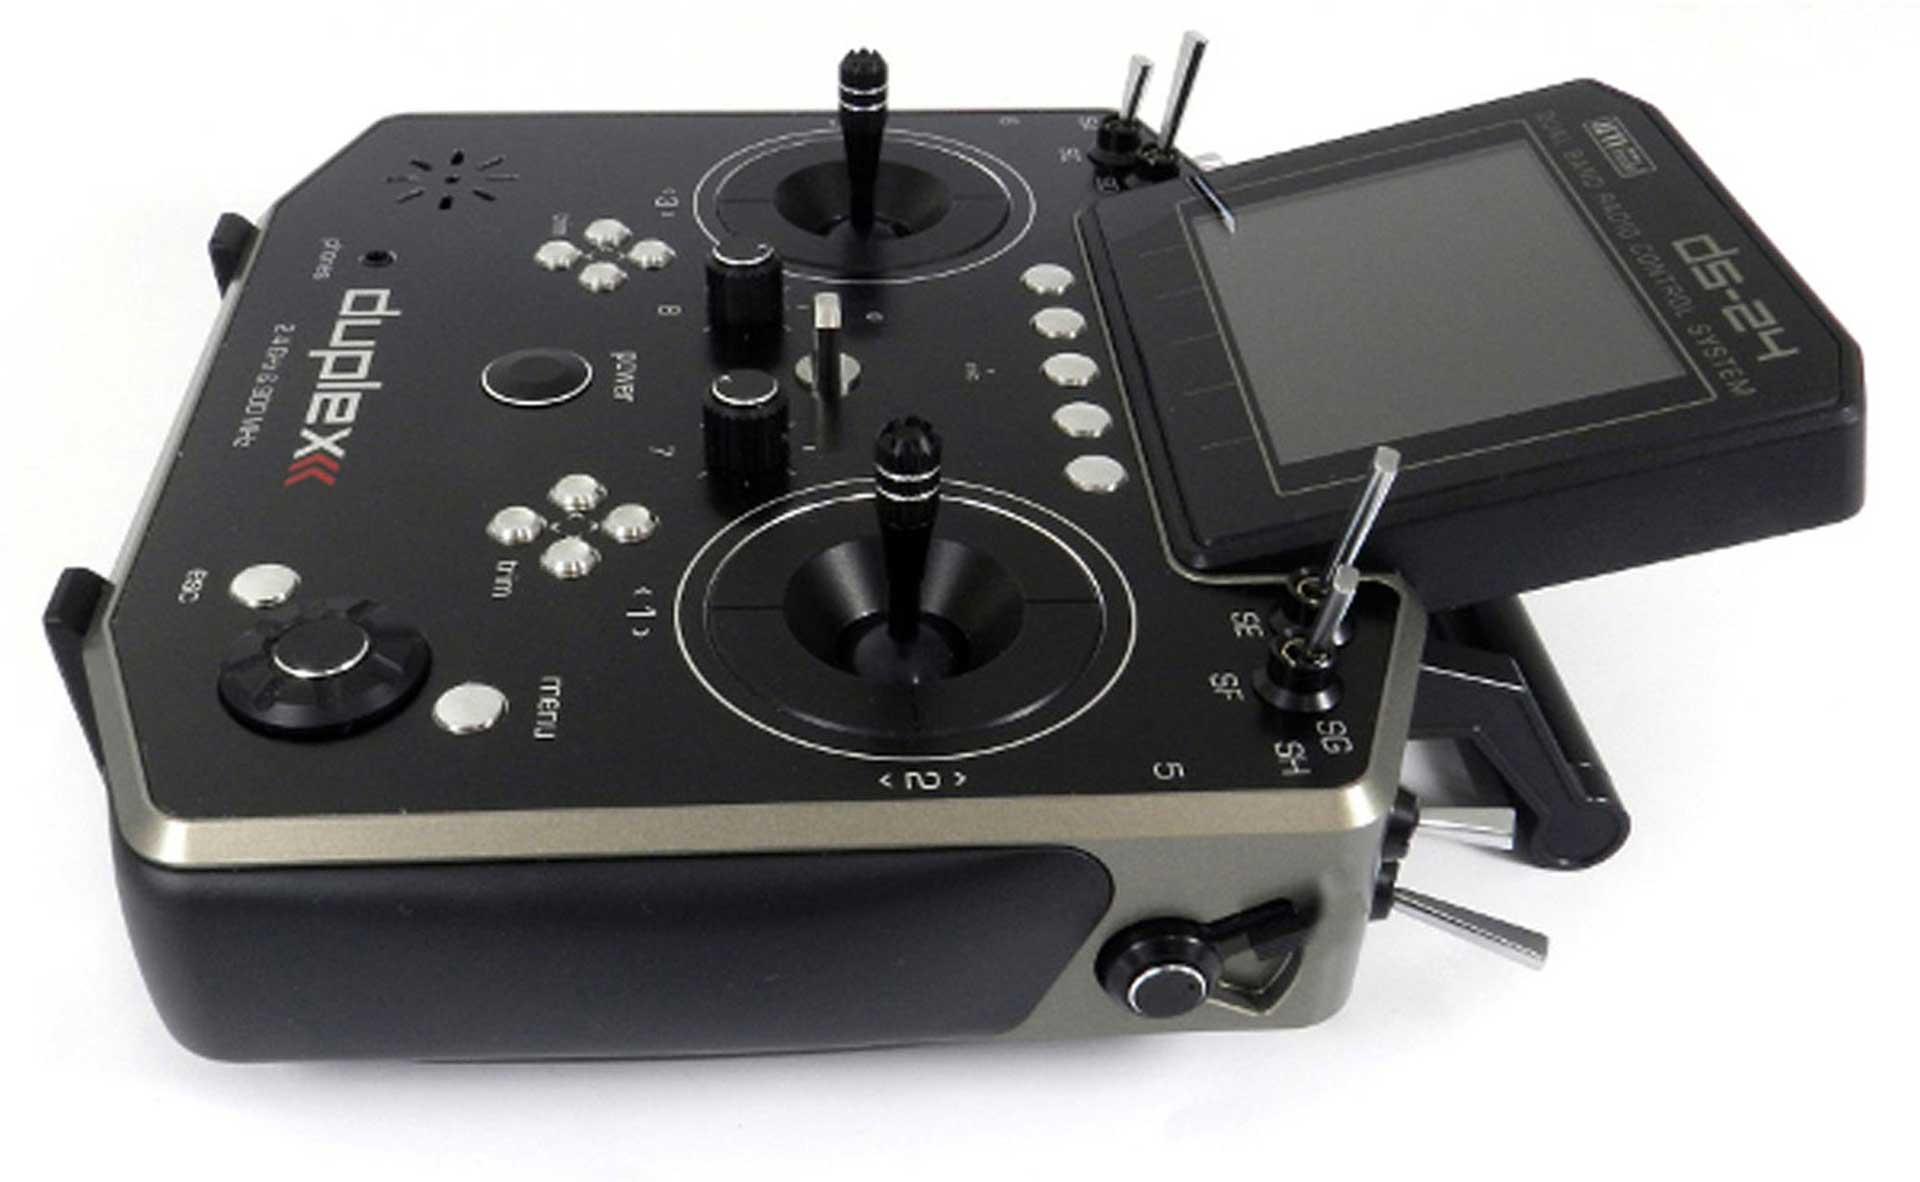 JETI DS-24 DUPLEX HANDSENDER MULTIMODE 2,4Ghz FERNSTEUERUNG